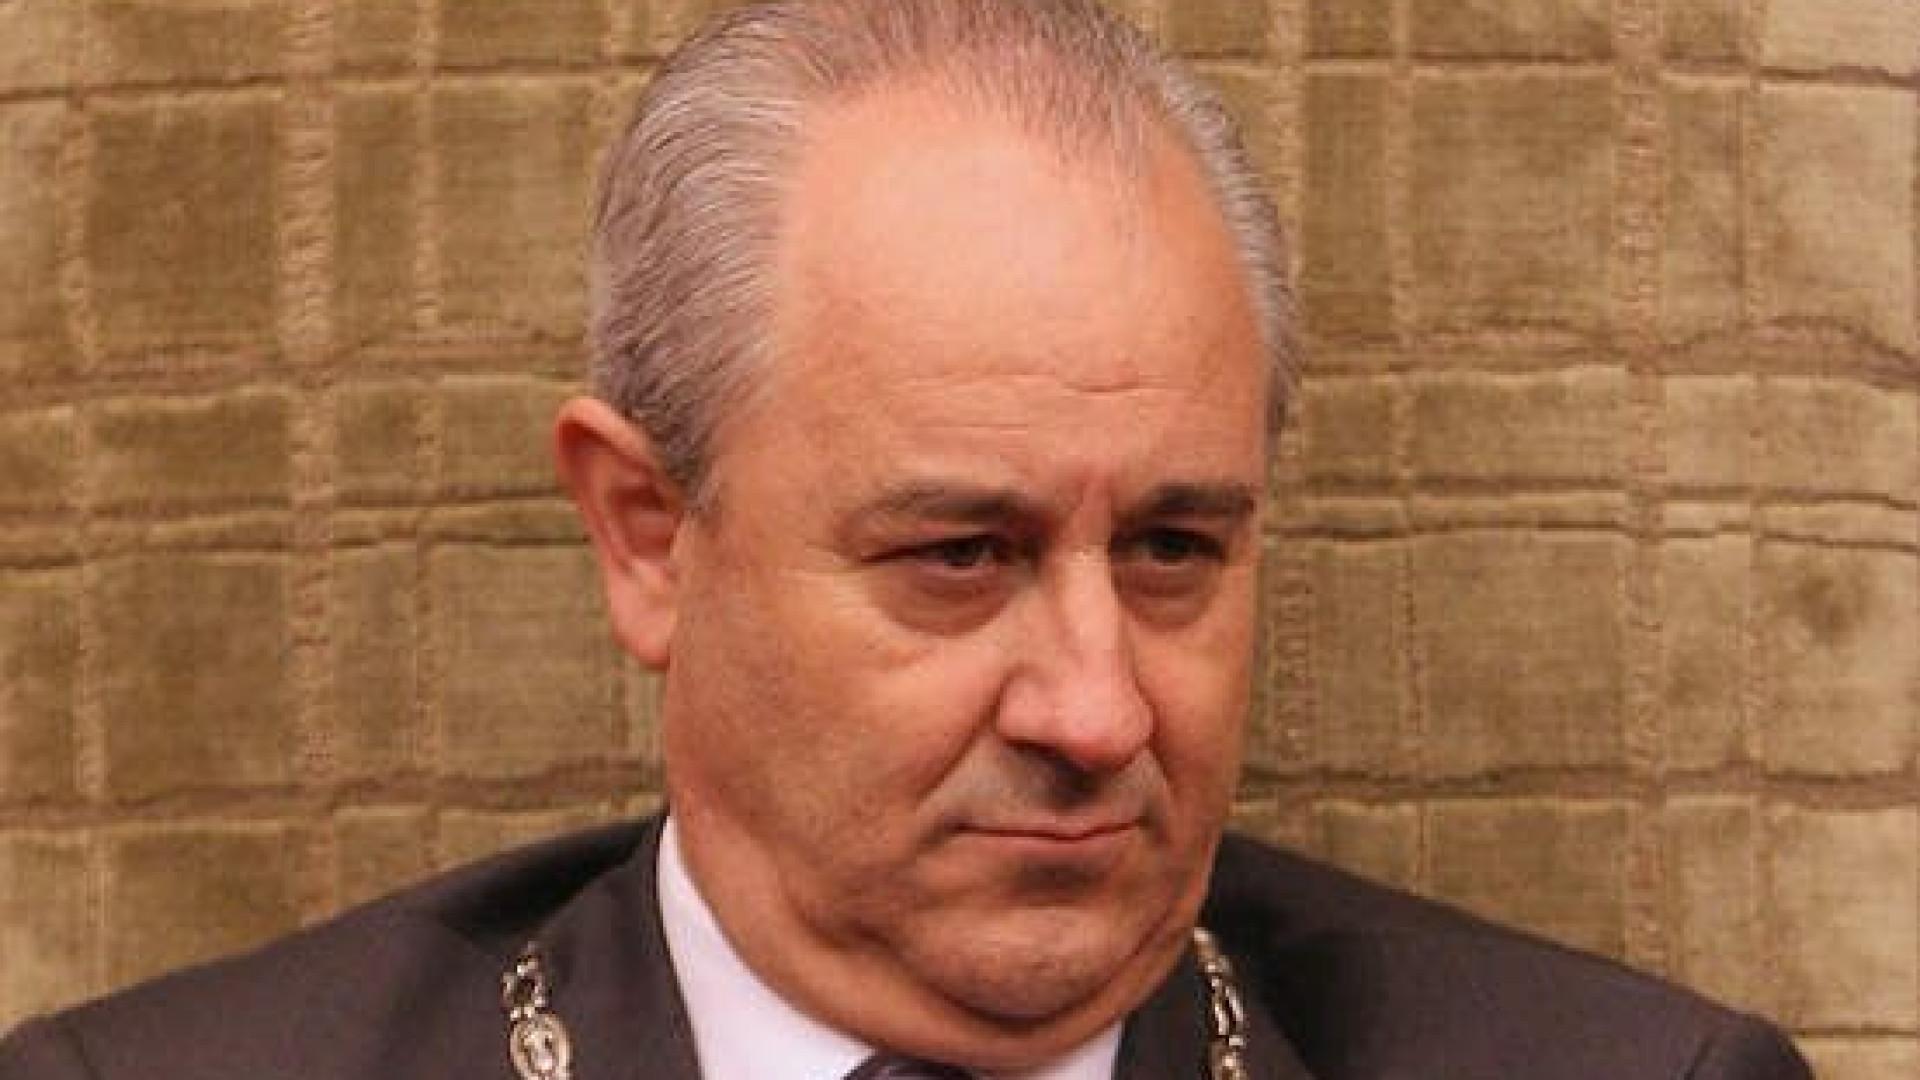 Rui Rio quer entendimento para reforma da Justiça promovido por Cavaco